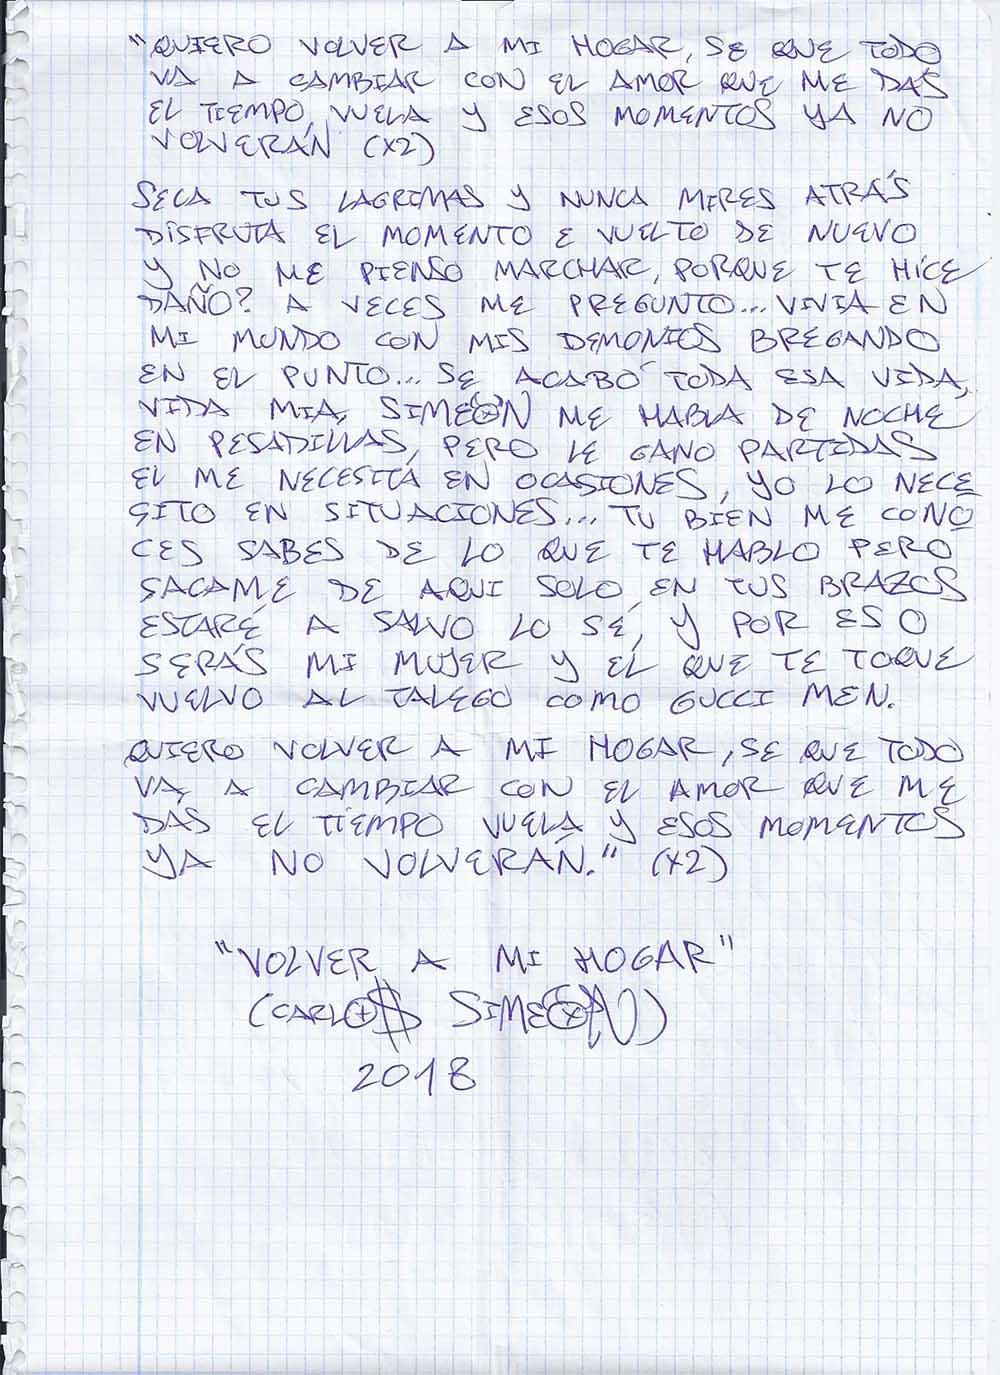 """Copia manuscrita por el autor de la canción """"Volver a mi hogar"""" escrita el 3 de Julio de 2018 en la prisión de Campos del Río por el Rapero Murciano SIMEON."""